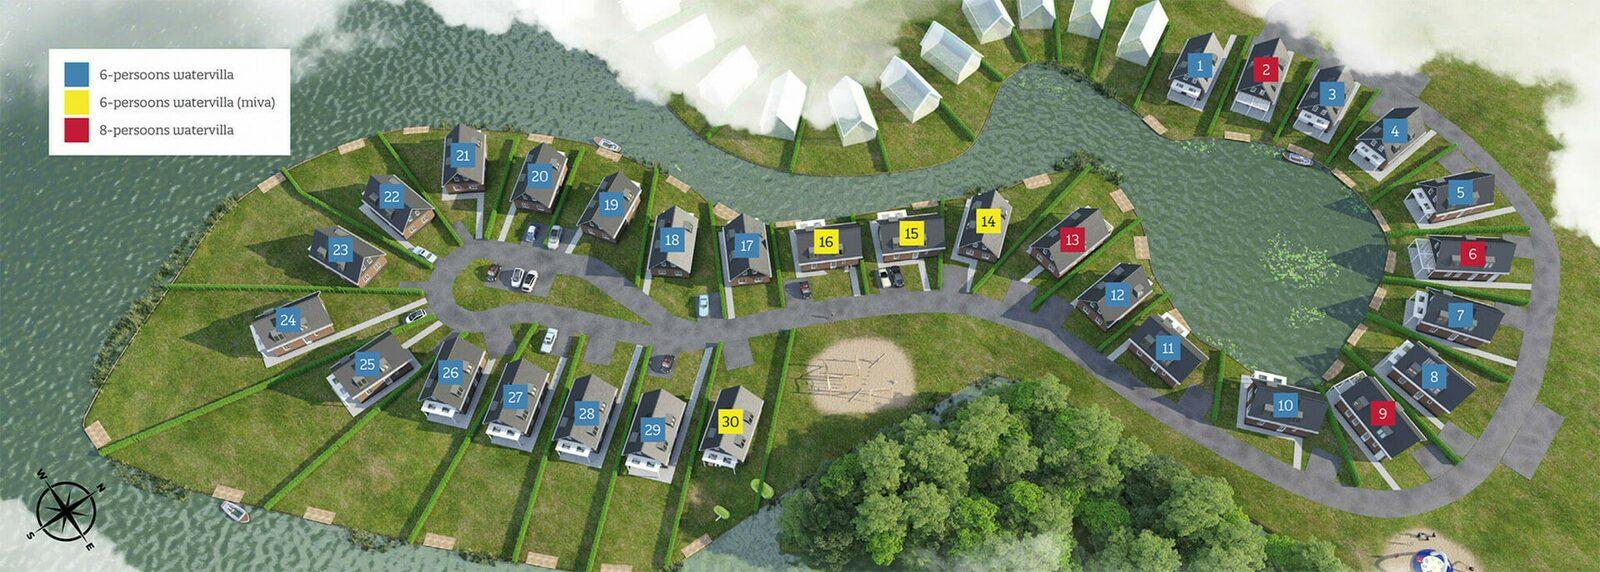 Luxuswasservilla für 6 Personen